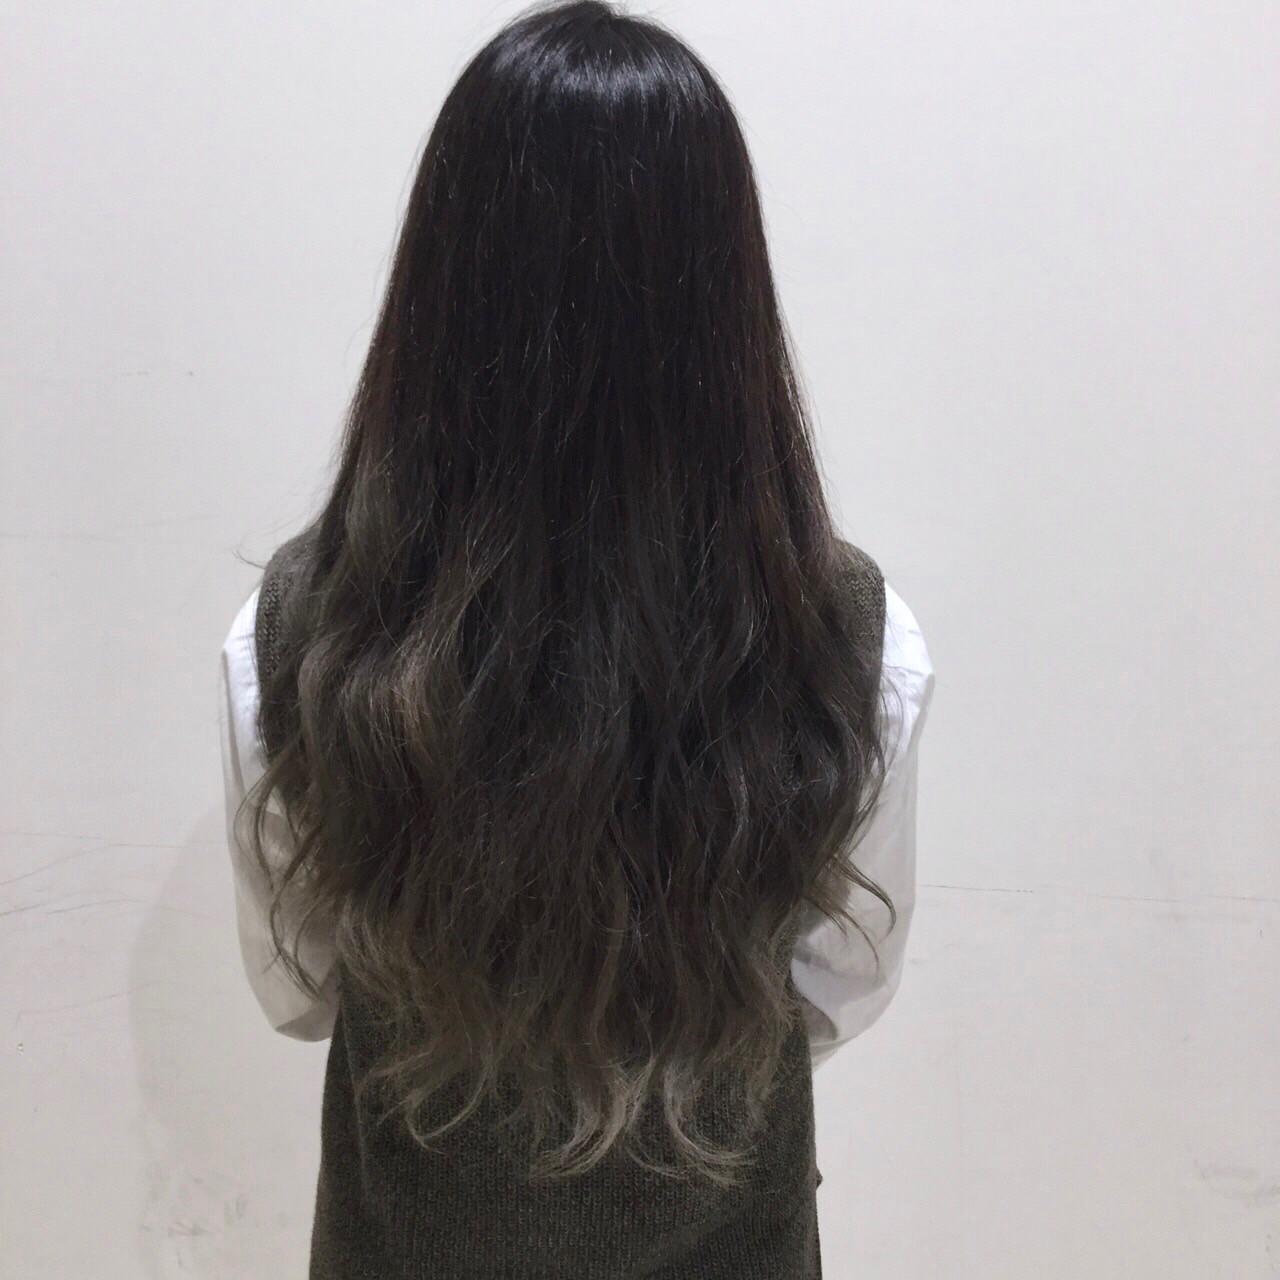 ロング 黒髪 渋谷系 外国人風 ヘアスタイルや髪型の写真・画像 | カイセイ / AVNCE.